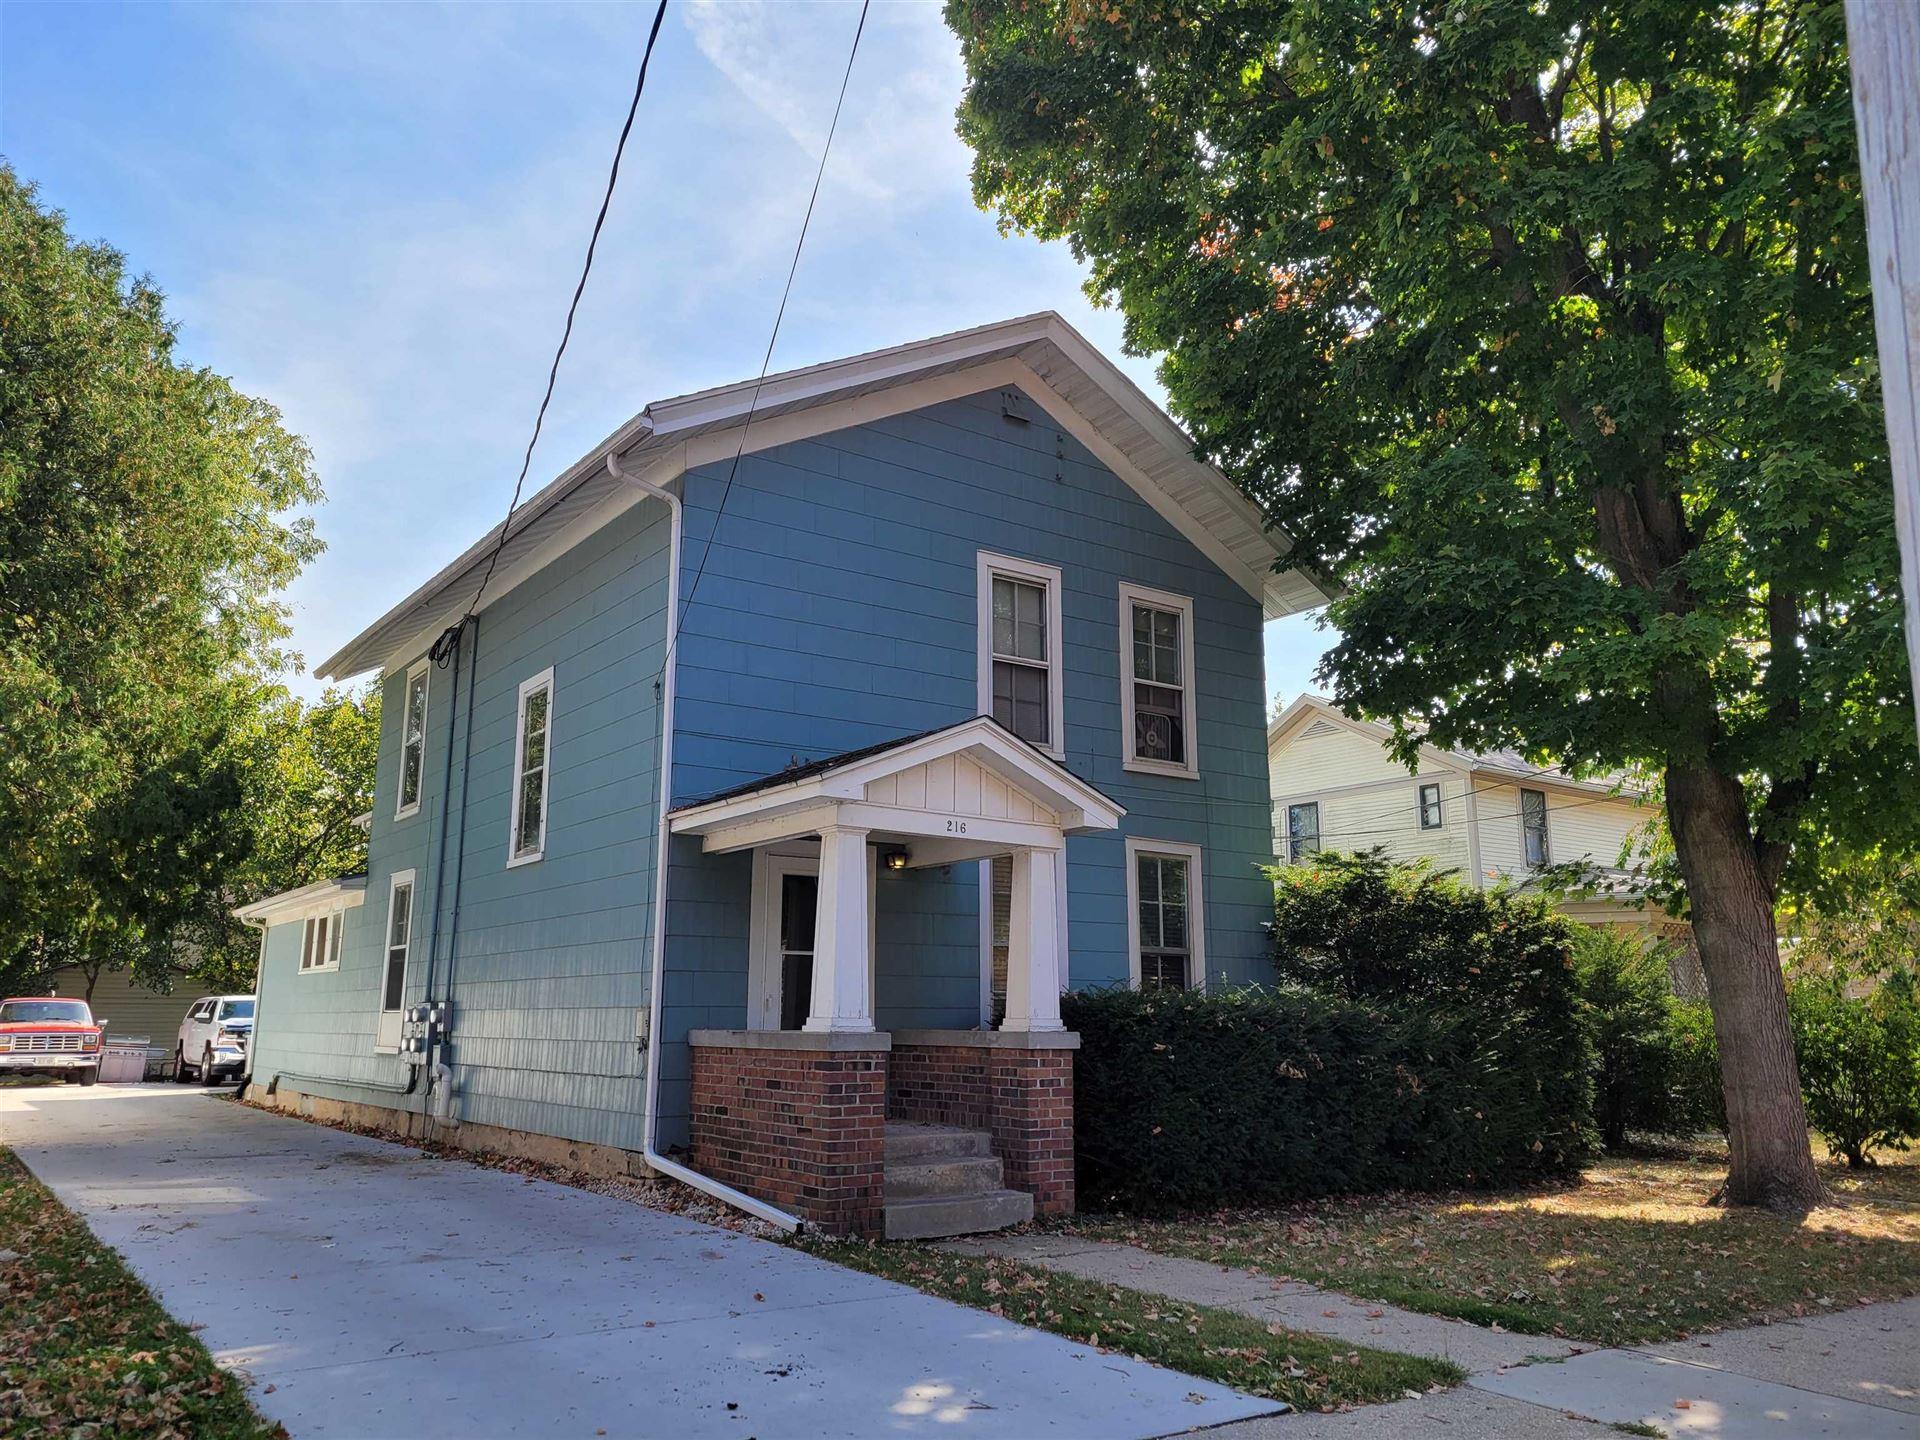 216 N Washington St, Janesville, WI 53545 - #: 1921634